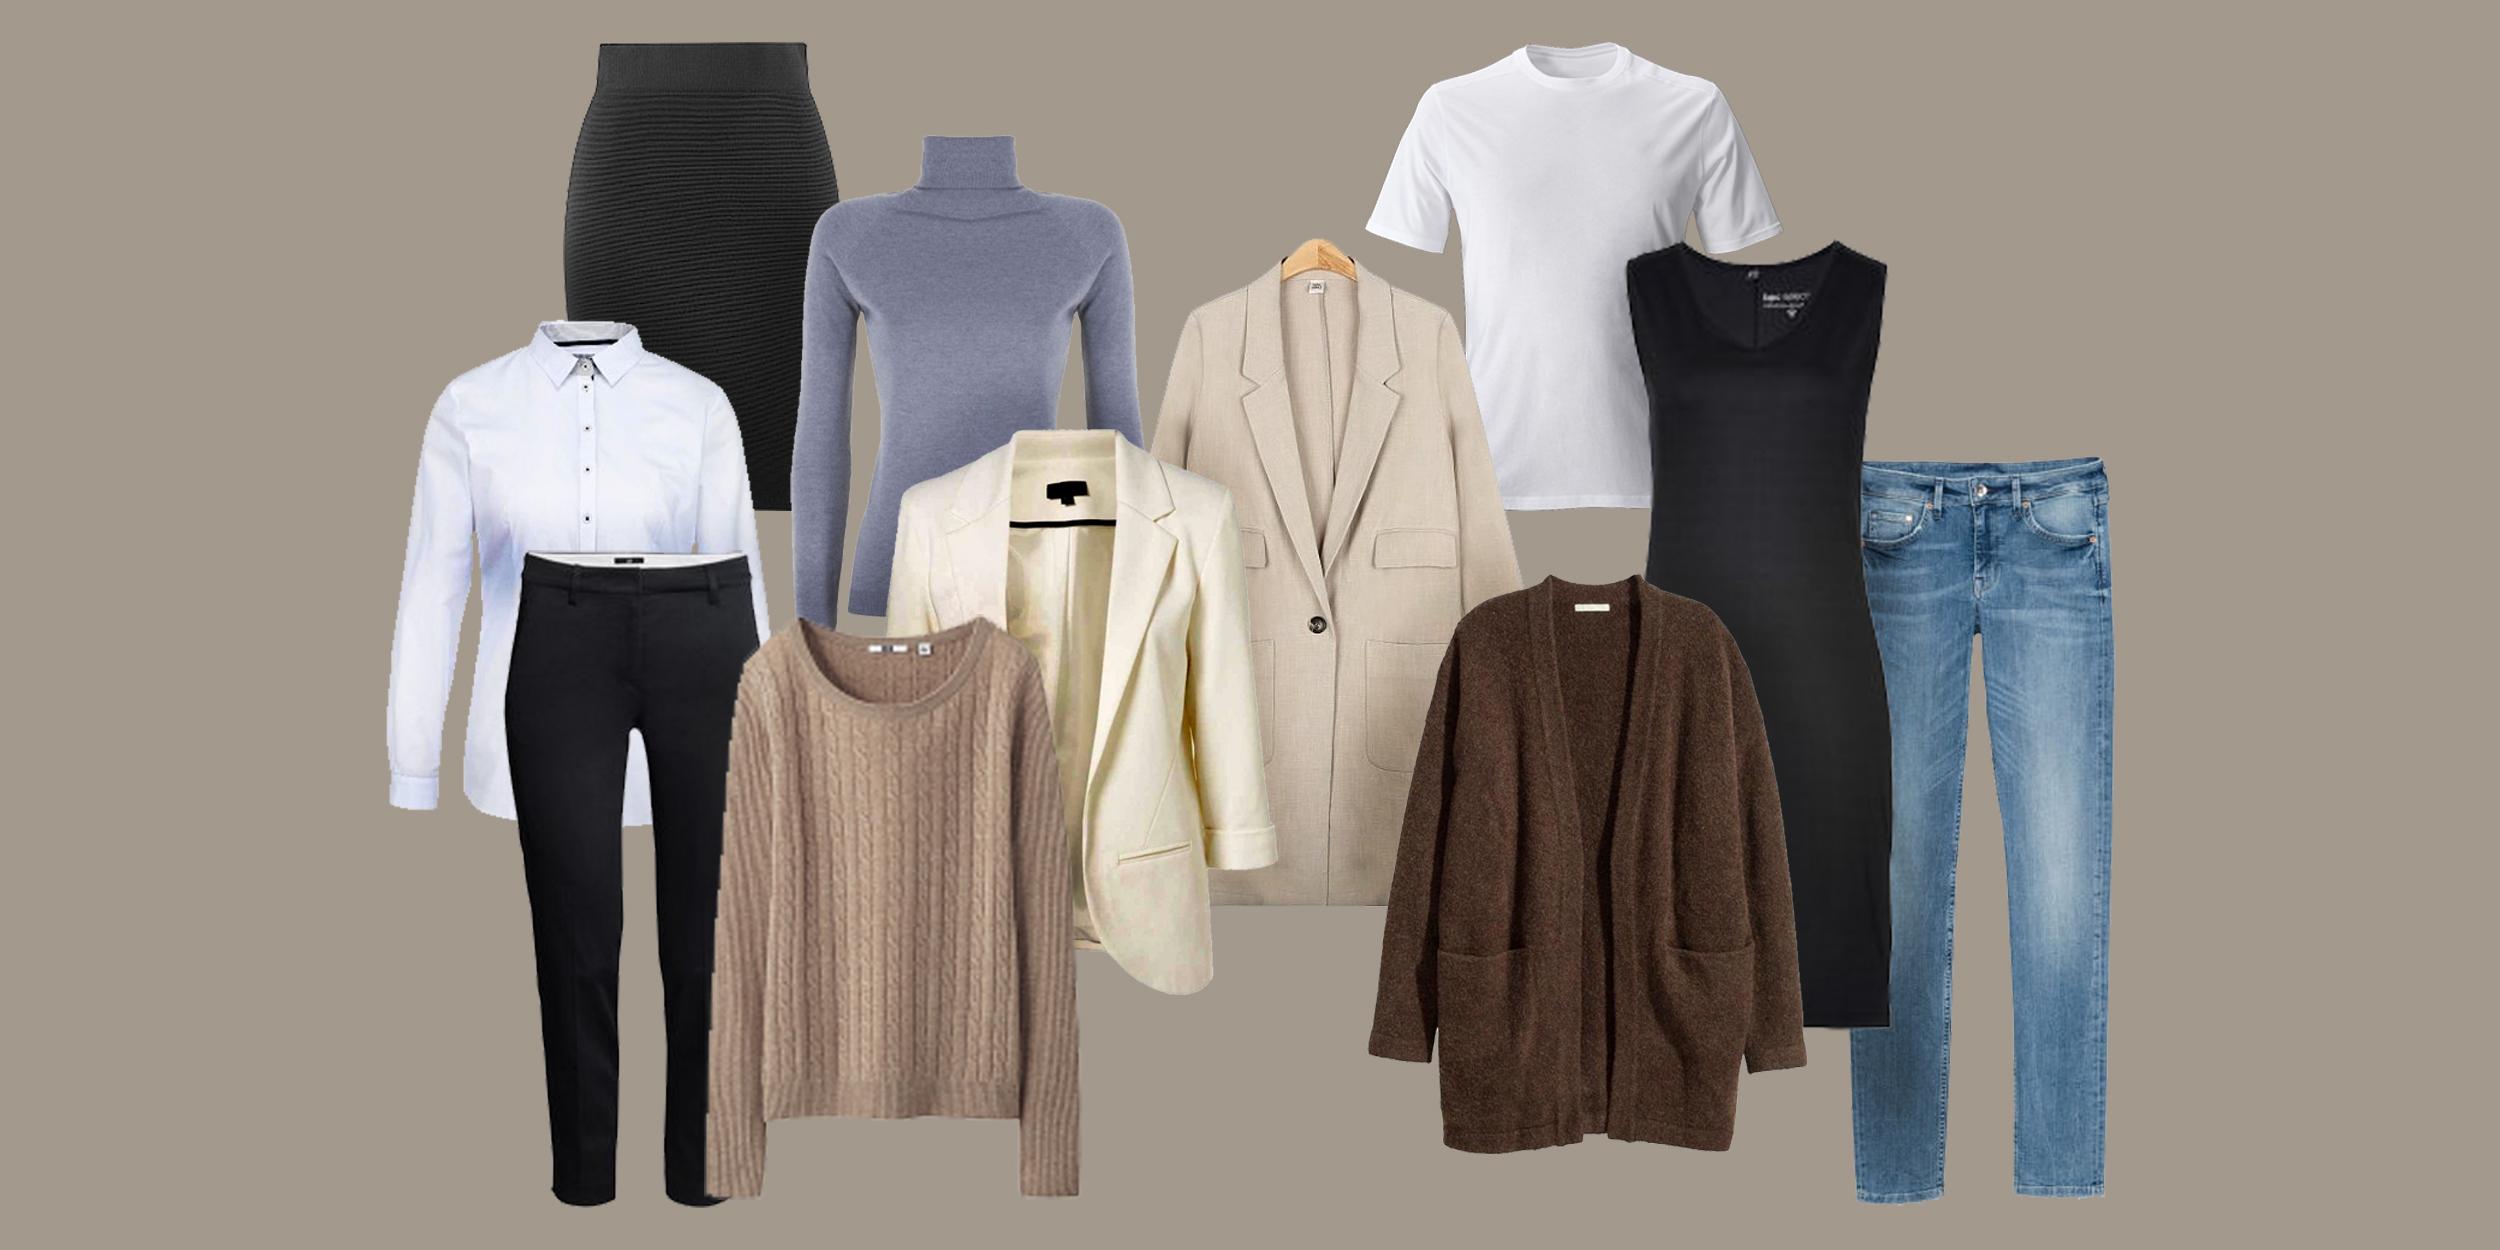 7390ef28f3e6e Как собрать базовый гардероб: подробный чек-лист для женщин и мужчин -  Лайфхакер